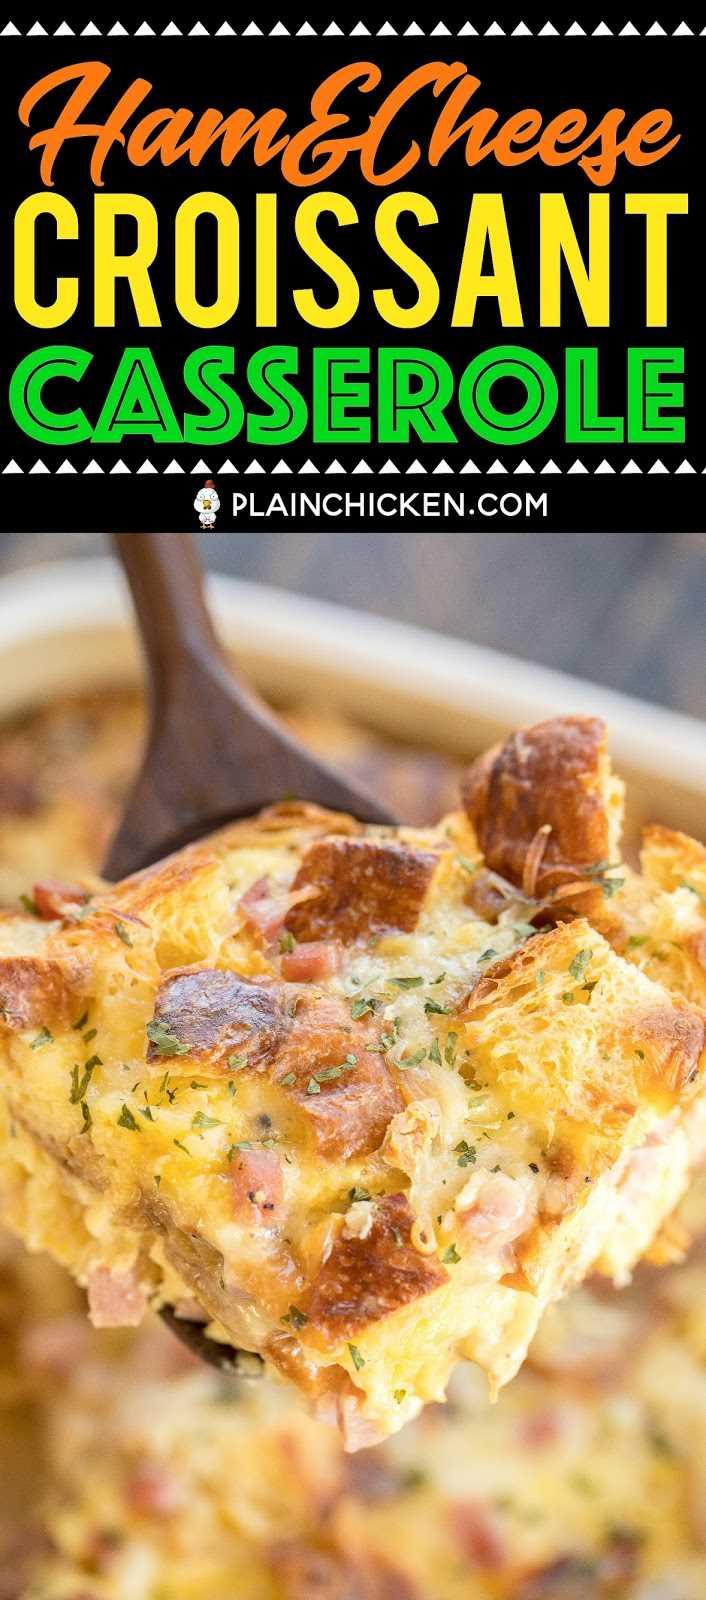 Cazuela de croissant de jamón y queso: ¡me encanta esta cazuela de desayuno durante la noche! Jamón, cruasanes, queso suizo, huevos, mitad y mitad, mostaza seca, miel, sal y pimienta. Reúna la noche anterior y hornee por la mañana. ¡Excelente manera de usar cualquier jamón sobrante de vacaciones! # cazuela # desayuno # croissant #makeaheadcasserole